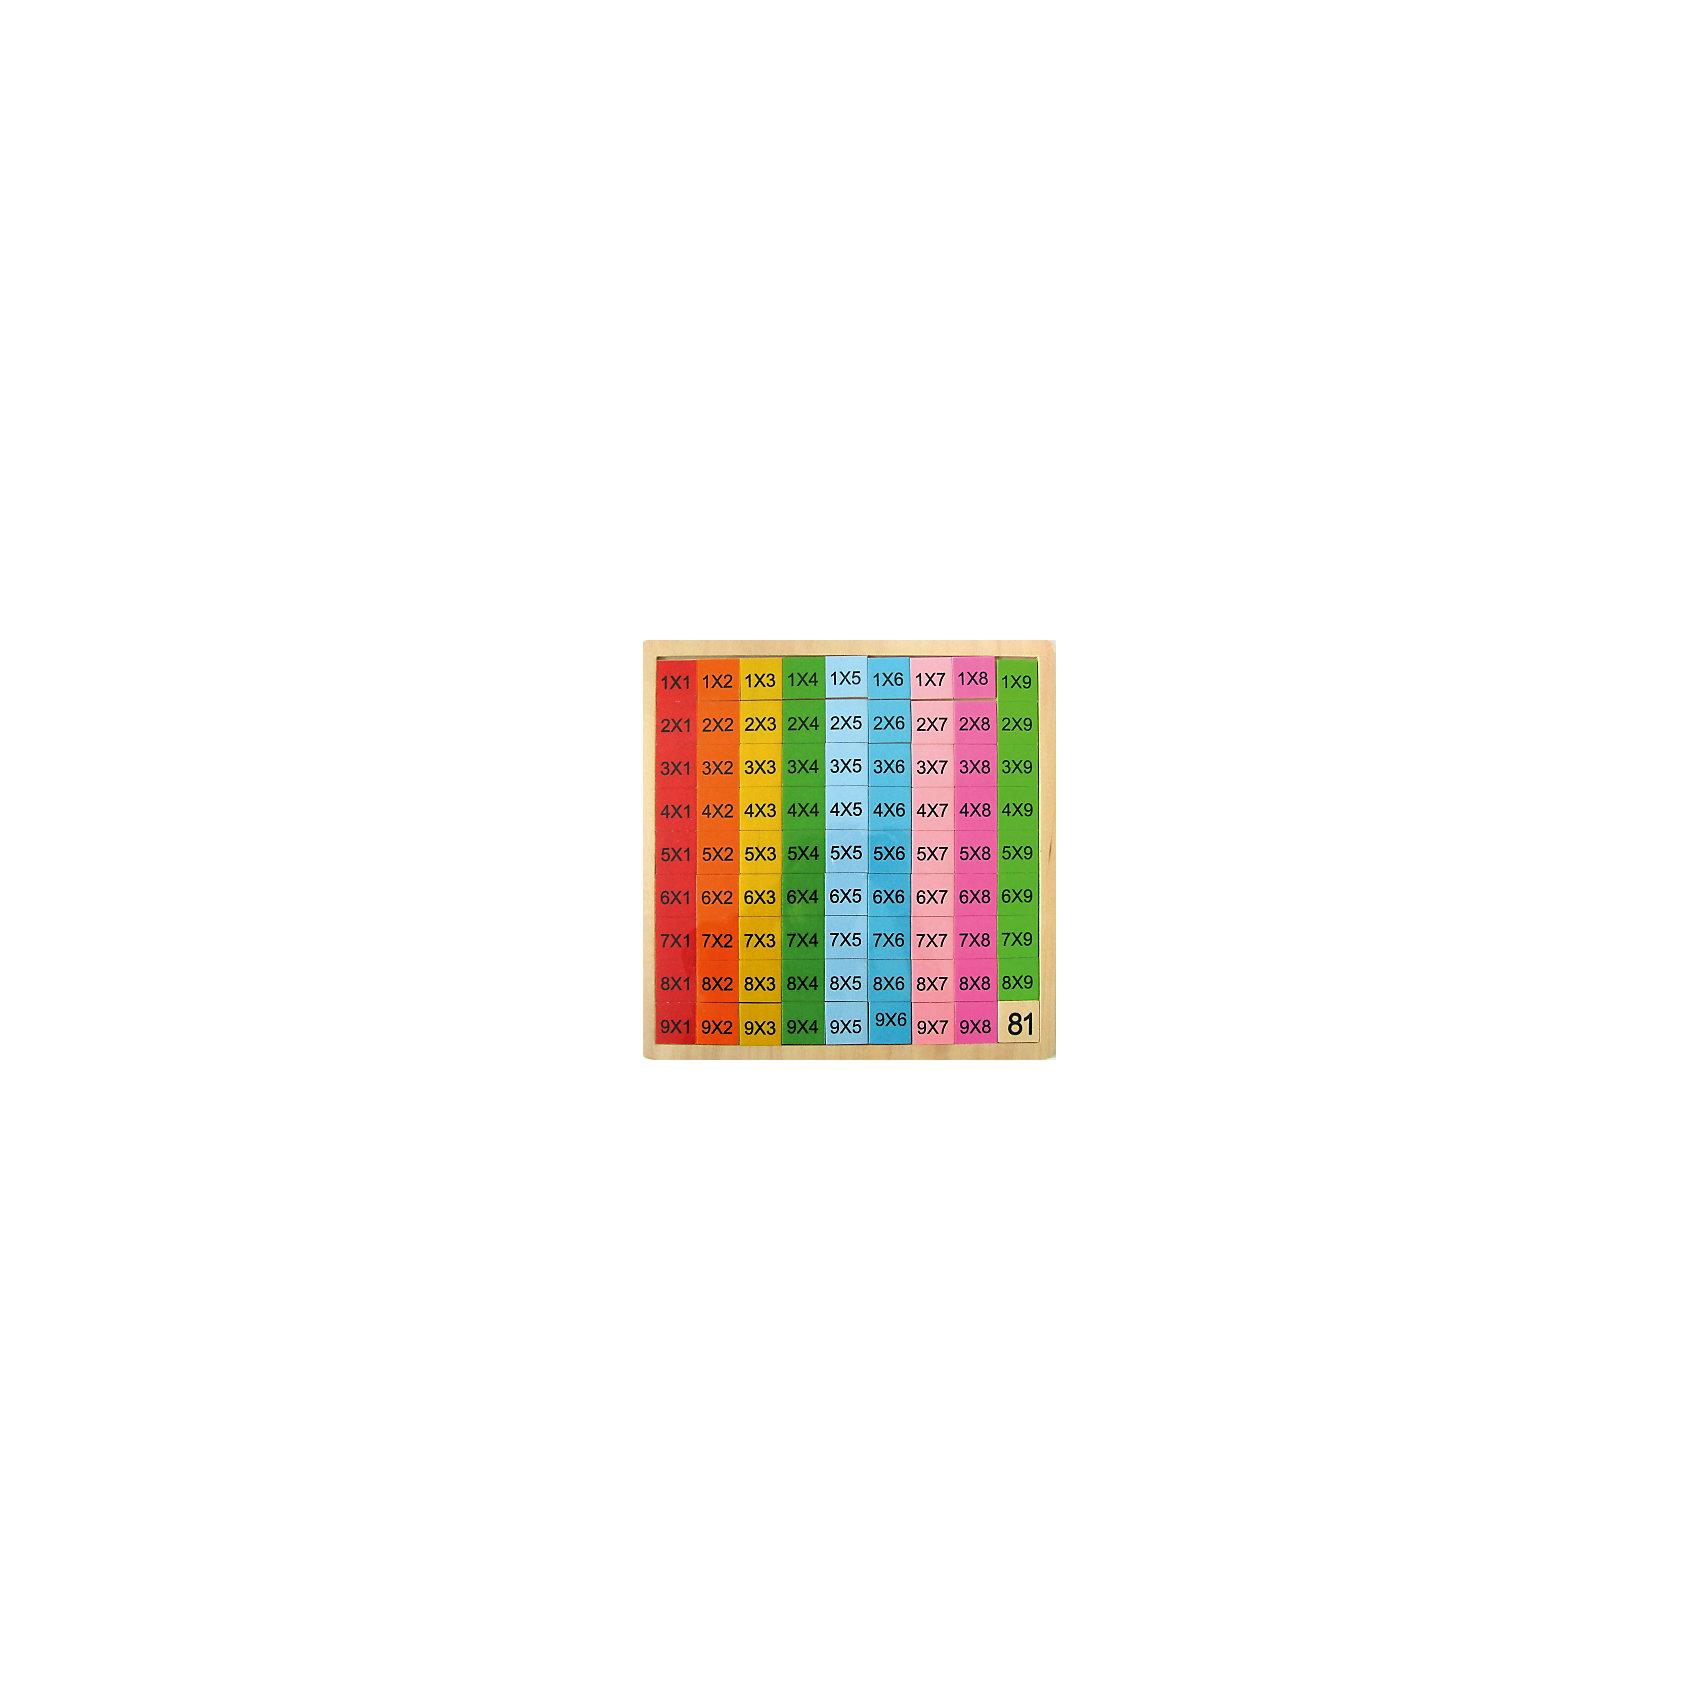 Таблица умножения, AdexОбучающие карточки<br>Характеристики товара:<br><br>• возраст: от 5 лет;<br>• количество деталей:  81 деталь;<br>• материал: дерево;<br>• упаковка: блистер;<br>• размер упаковки: 35х35х1 см.;<br>• вес: 200 гр.;<br>• страна бренда: Польша;<br>• страна изготовитель: Польша.<br><br>Таблица умножения, Adex (Адекс) - это деревянная таблица умножения с двусторонними вкладышами: на одной стороне вкладыша написано выражение (например, 2 * 3 или 7 * 6), на другой стороне - значение (ответ). С ней малышу буден намного проще и удобнее запоминать и тренировать свои навыки использования таблицы умножения, которая является основой всех математических вычислений. <br><br>Выполненные из дерева части таблицы устойчивы к падениям, а удобная рамка позволяет располагать и собирать всю таблицу в правильном порядке.<br><br>Таблица умножения, Adex (Адекс) можно купить в нашем интернет-магазине.<br><br>Ширина мм: 350<br>Глубина мм: 350<br>Высота мм: 10<br>Вес г: 200<br>Возраст от месяцев: 36<br>Возраст до месяцев: 2147483647<br>Пол: Унисекс<br>Возраст: Детский<br>SKU: 6919303